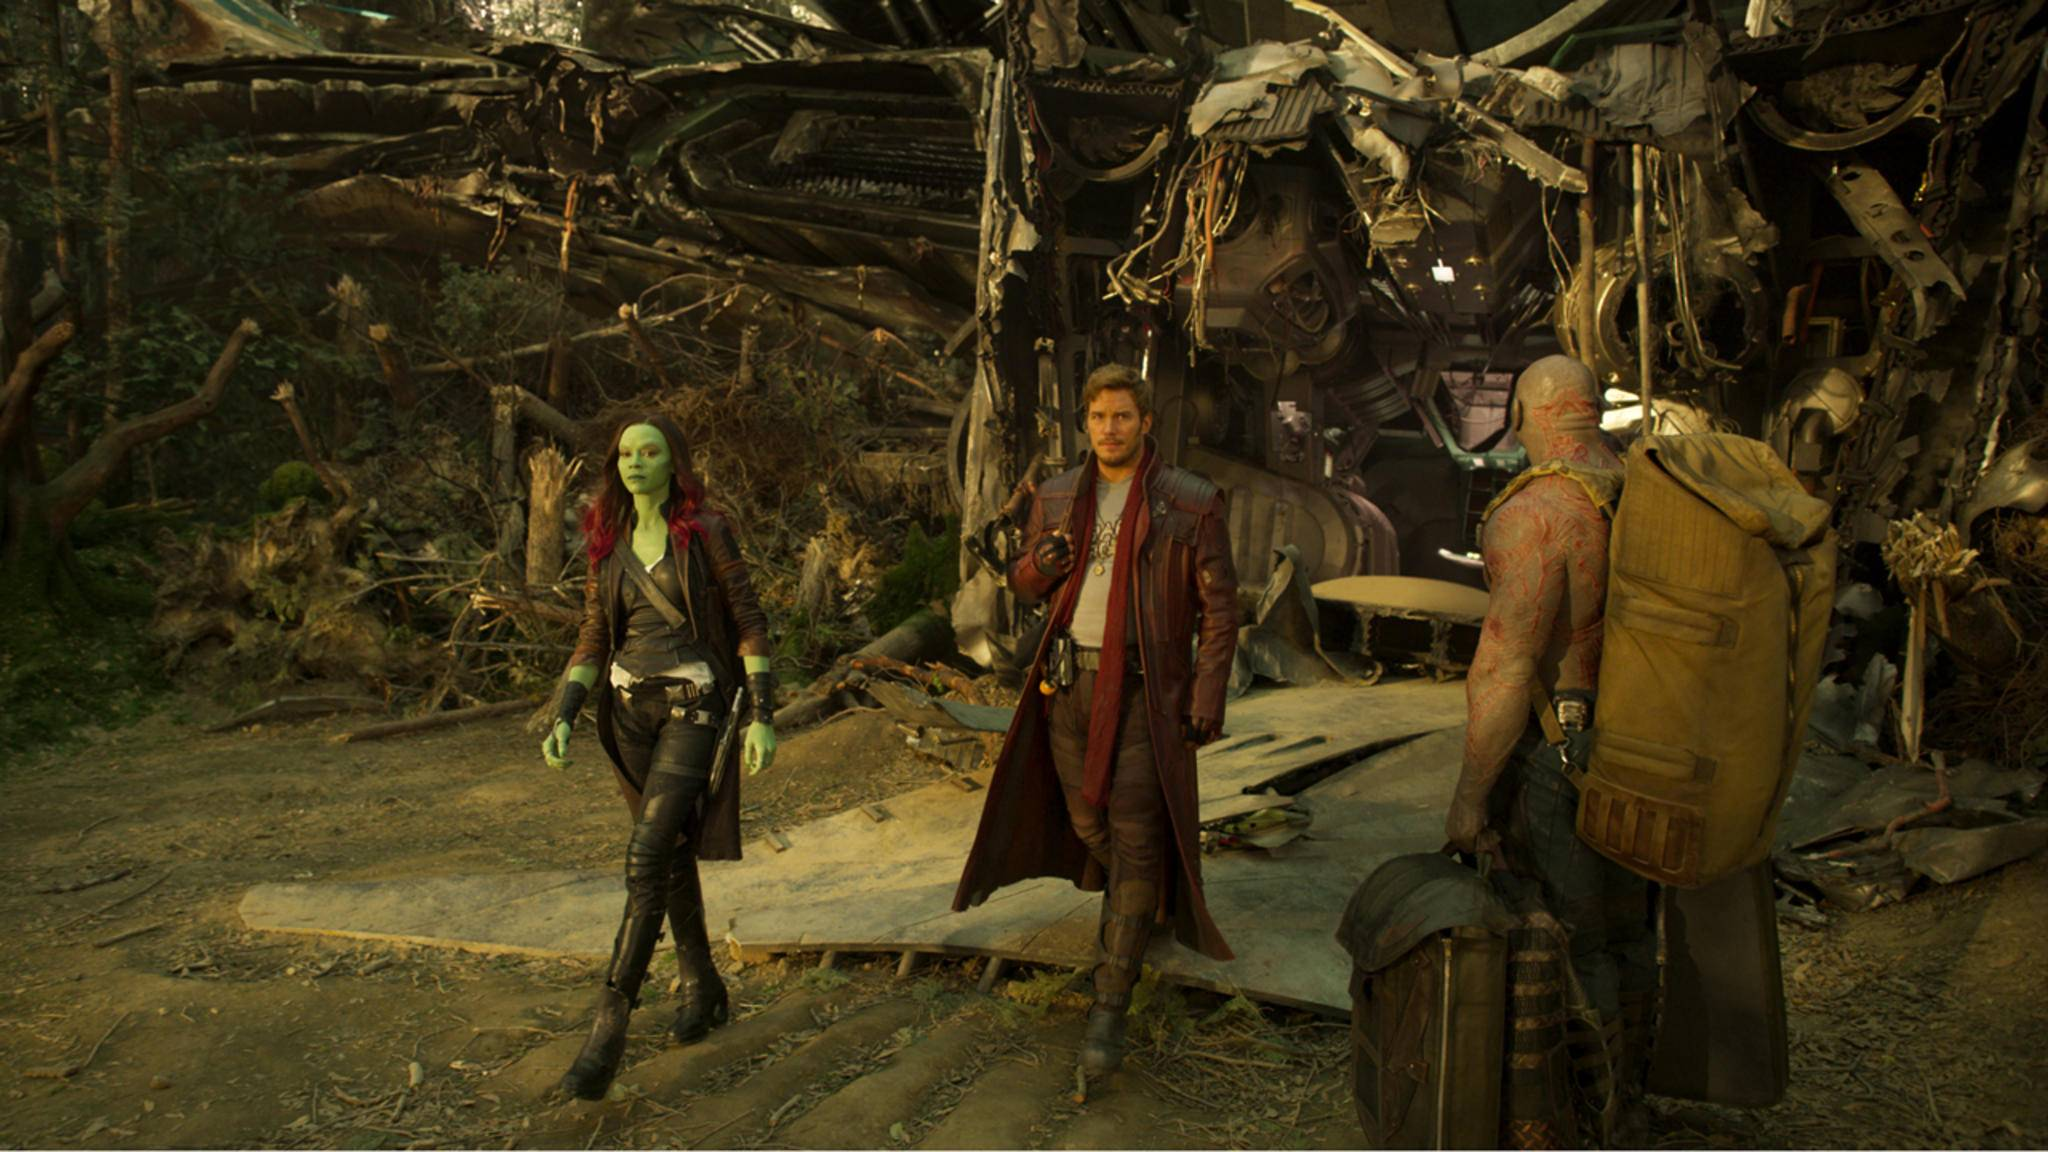 Bei ihrer Landung auf der Erde sollen die Guardians of the Galaxy sich verändert haben.